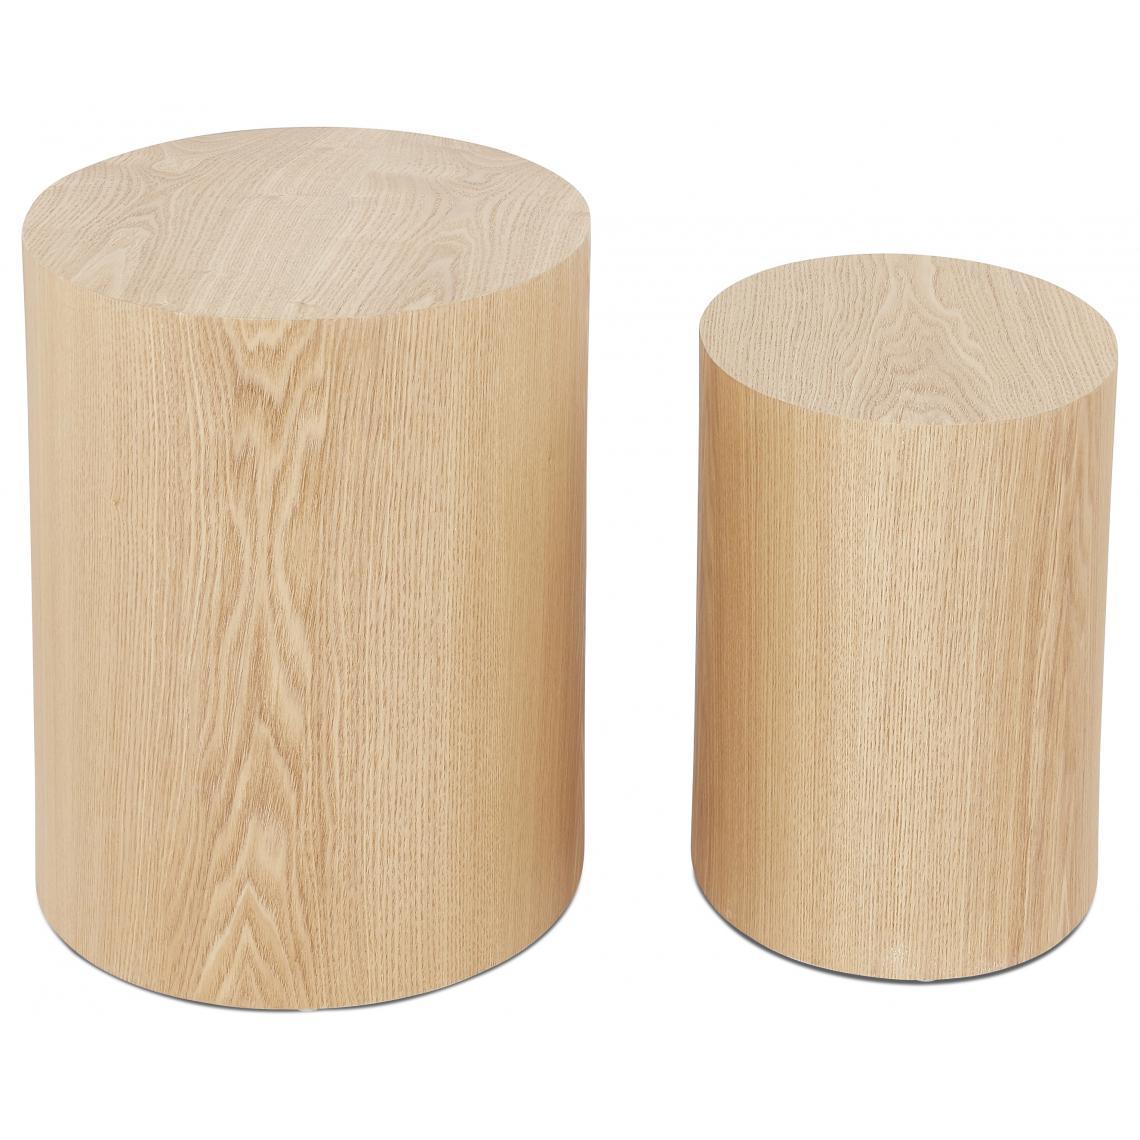 Lot de 2 Tables Basses Ovales Beiges CARL u5ZD4